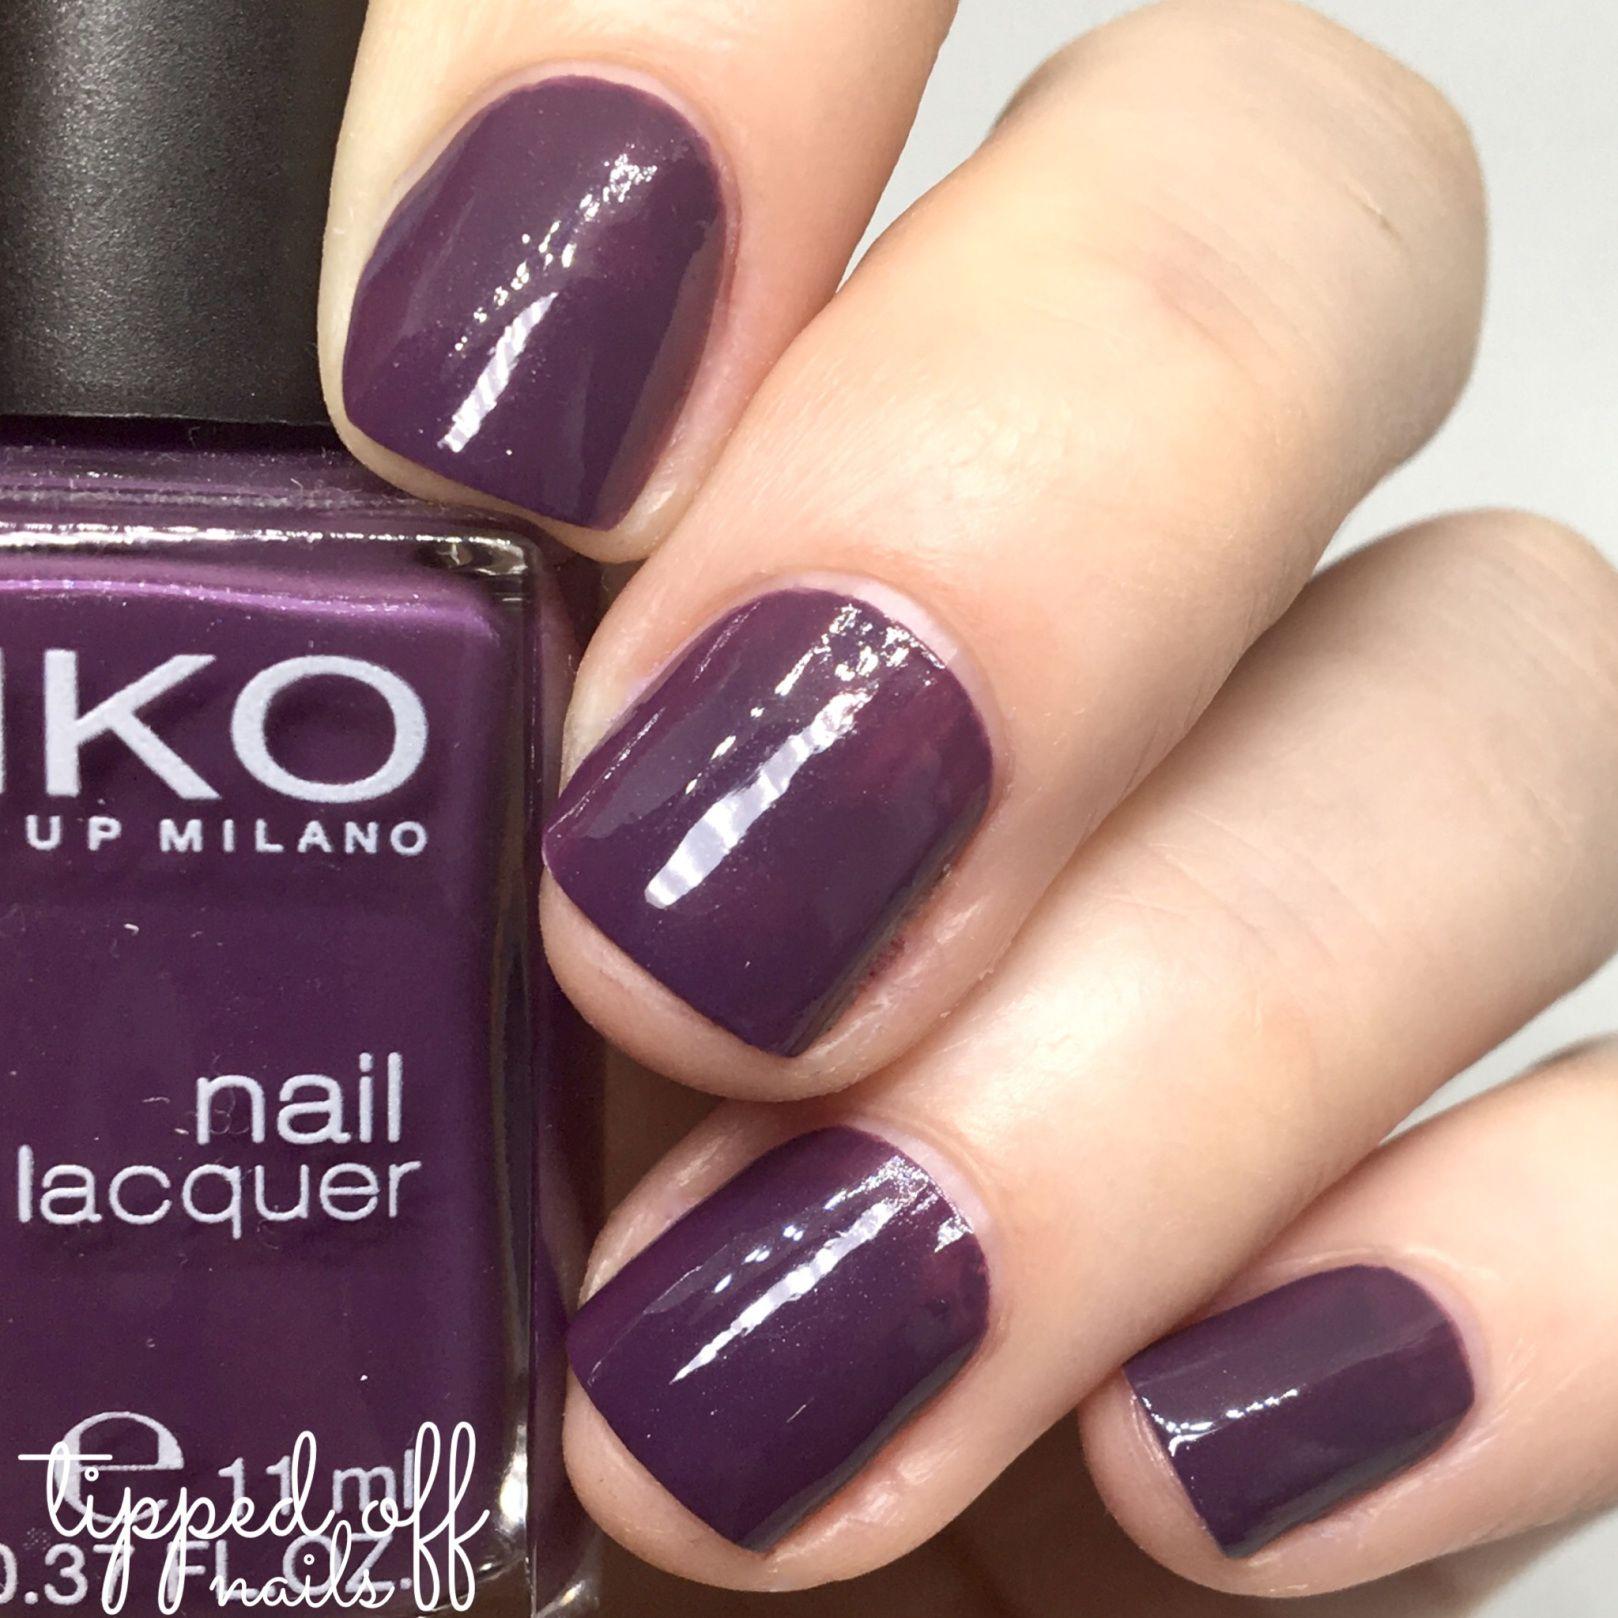 Kiko milano nail lacquer swatch 379 egg plant swatches for Kiko 365 tattoo rose